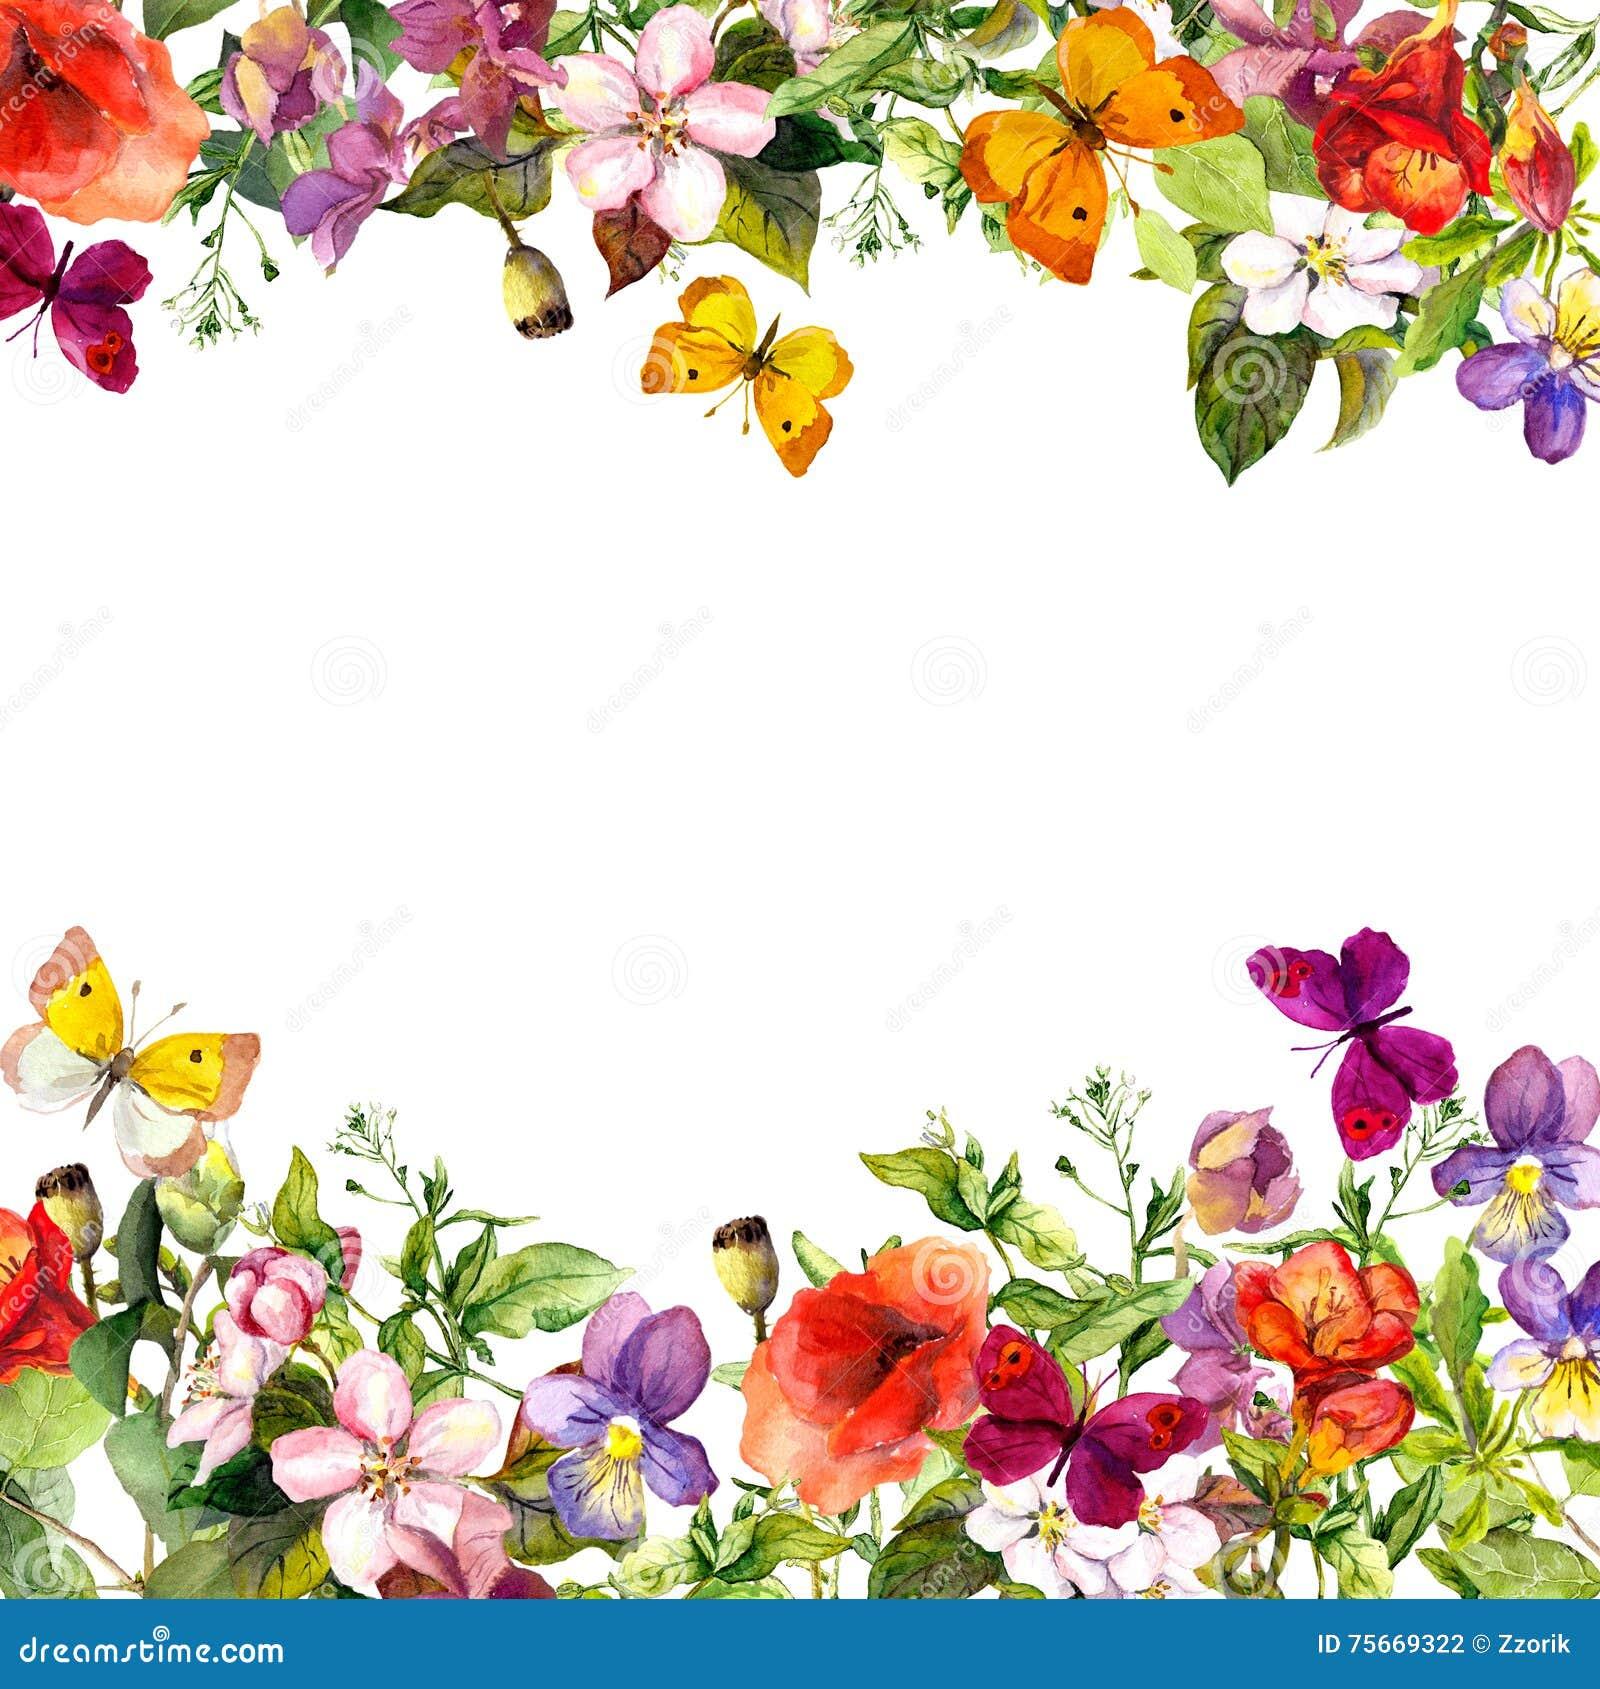 De lente, de zomertuin: bloemen, gras, kruiden, vlinders Bloemen patroon watercolor